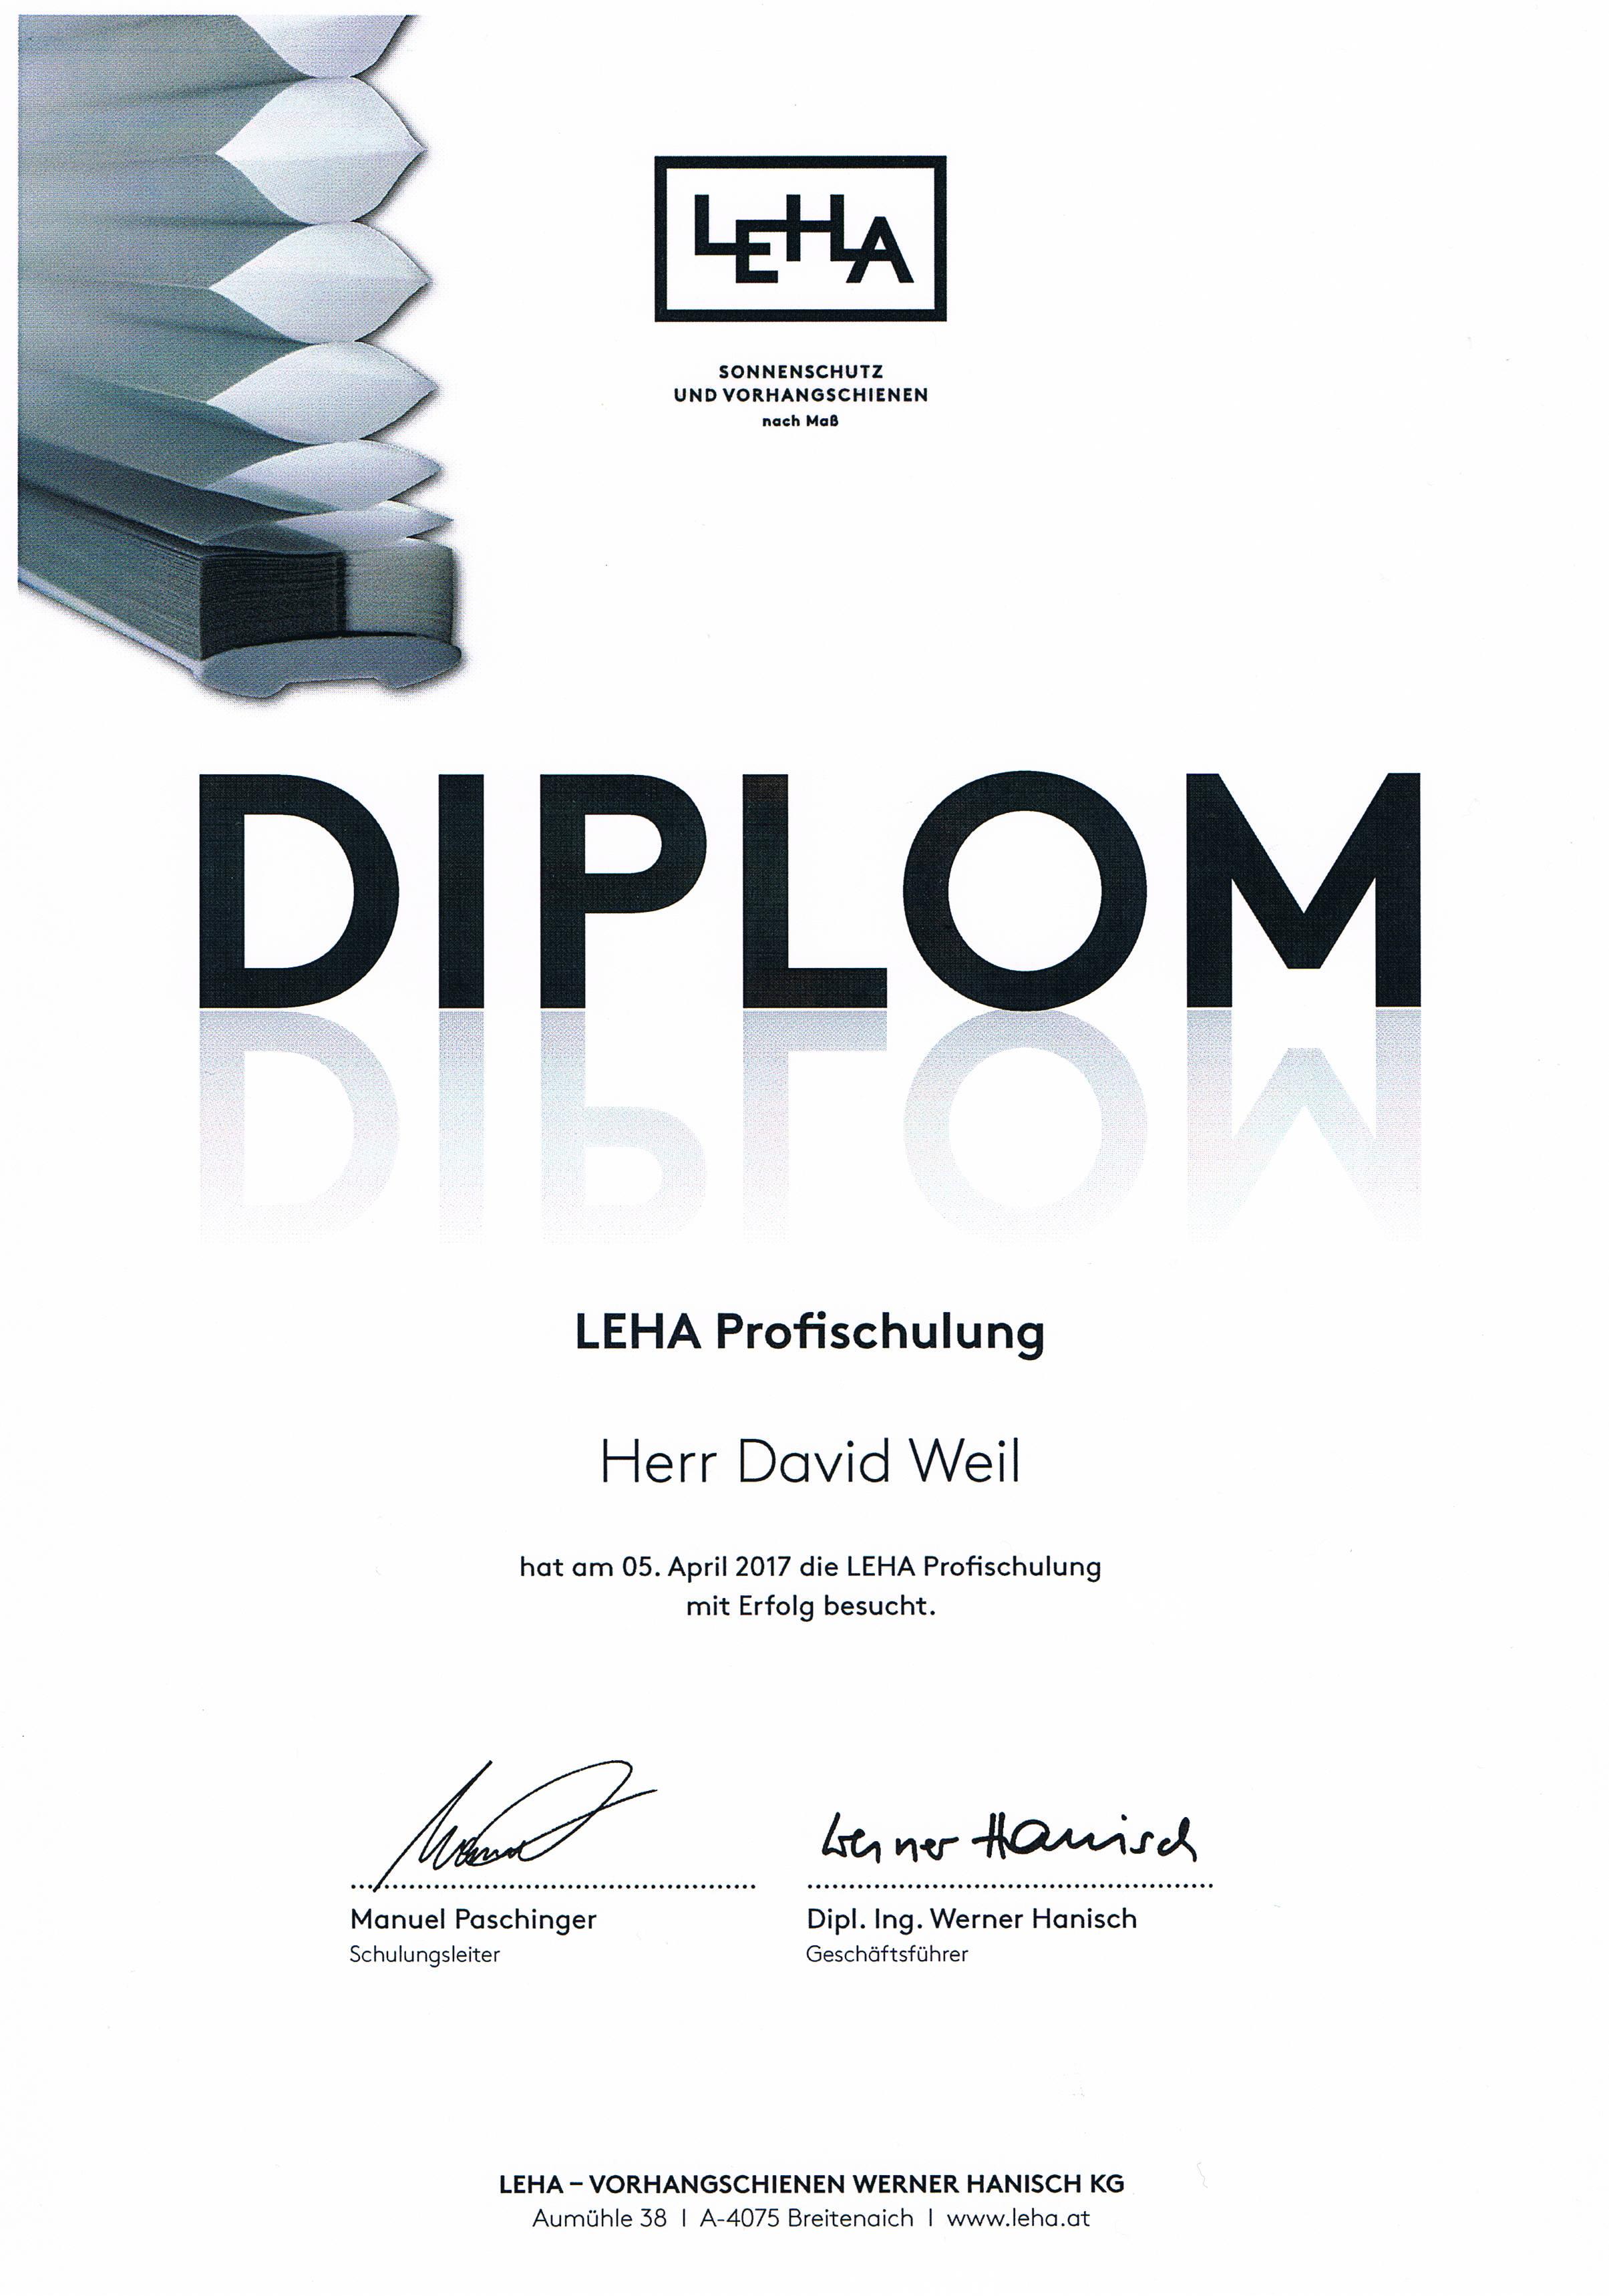 LeHa Profischulung